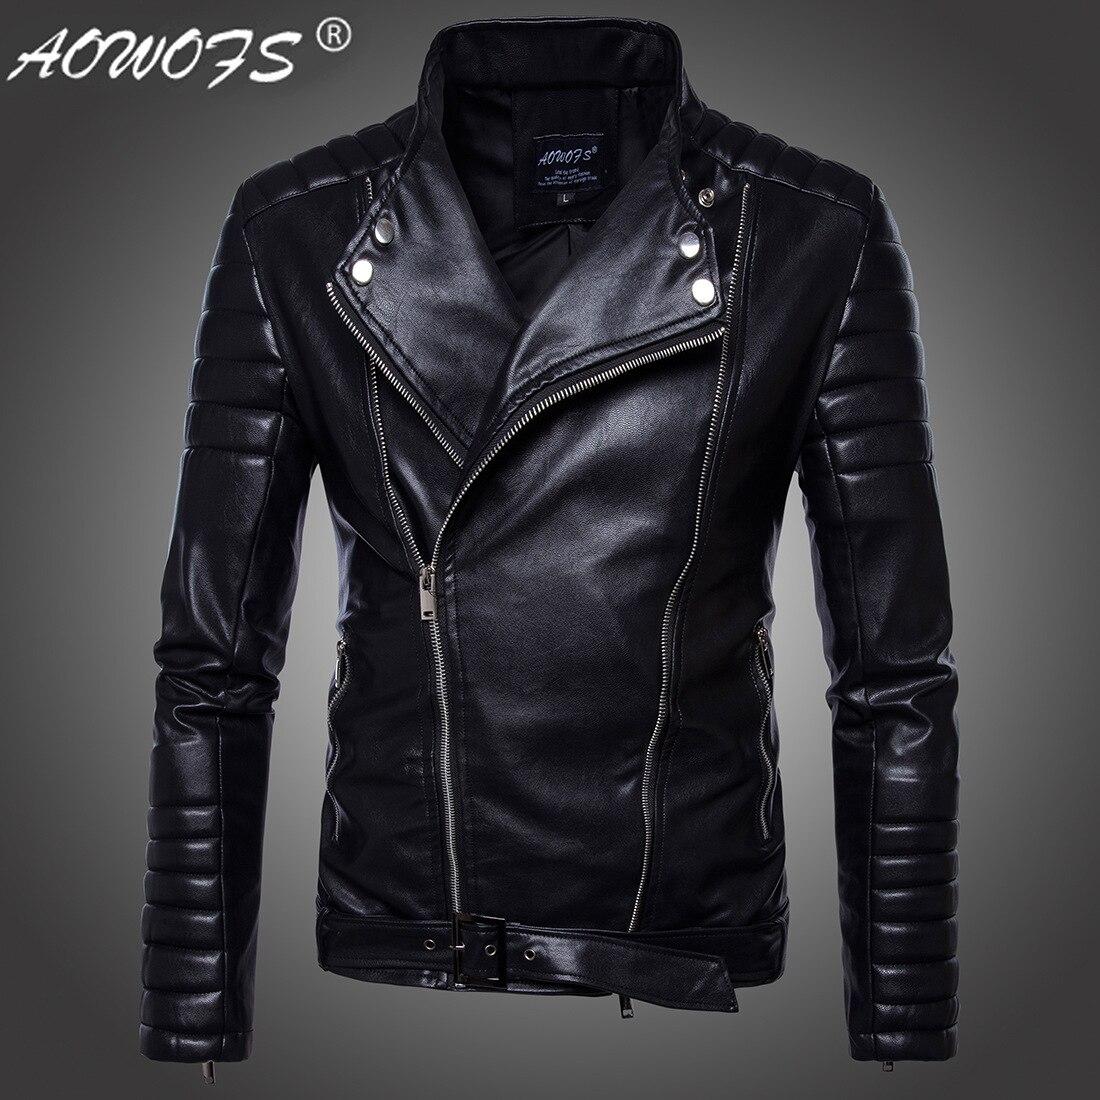 M//C Milwaukee Leather Boys Updated Jacket Black, X-Large